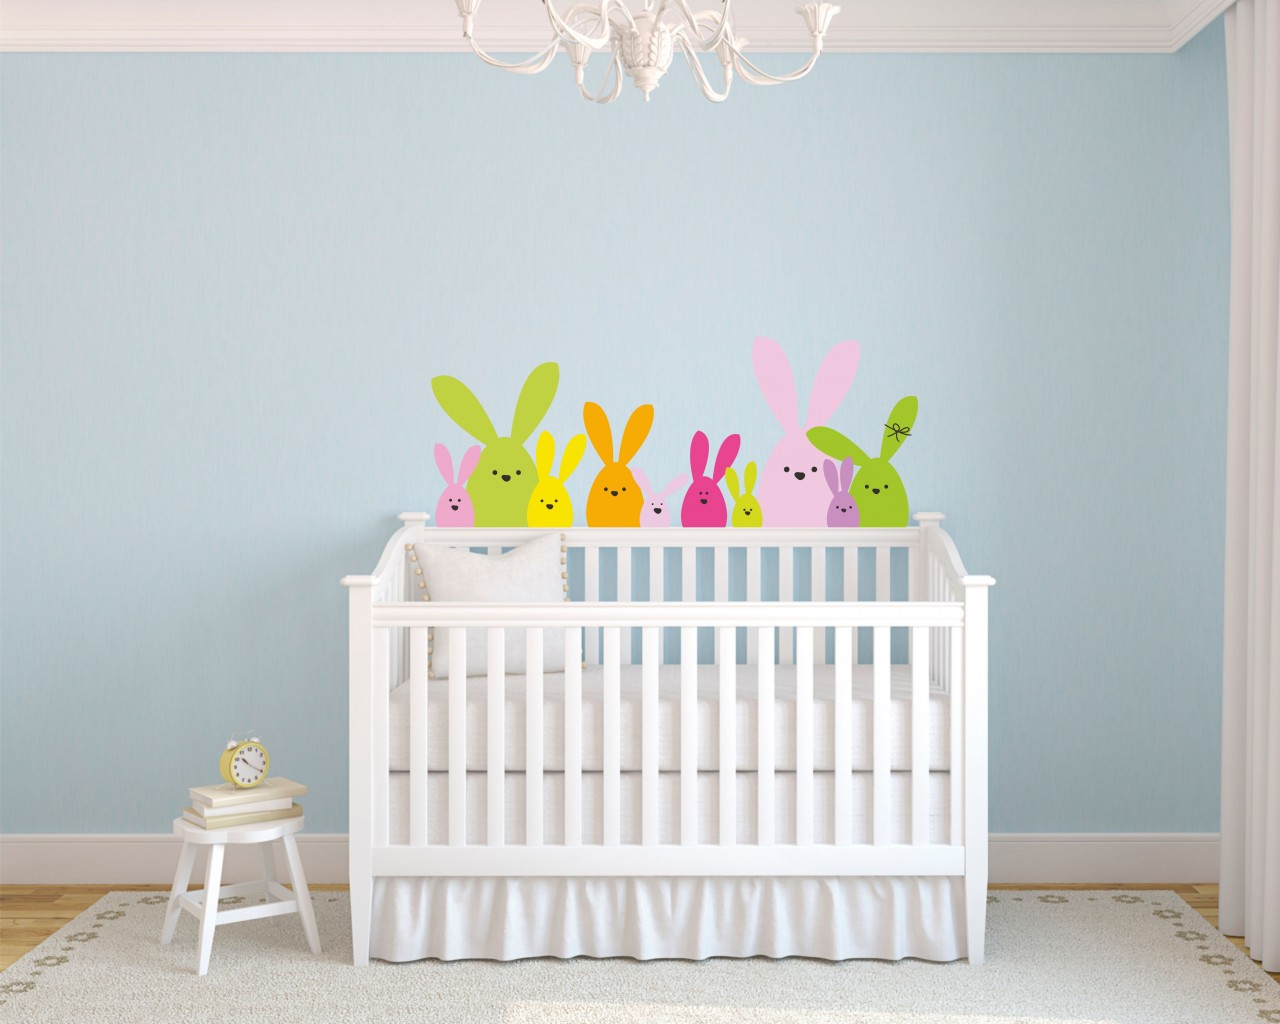 adesivo murale-coniglietti curiosi